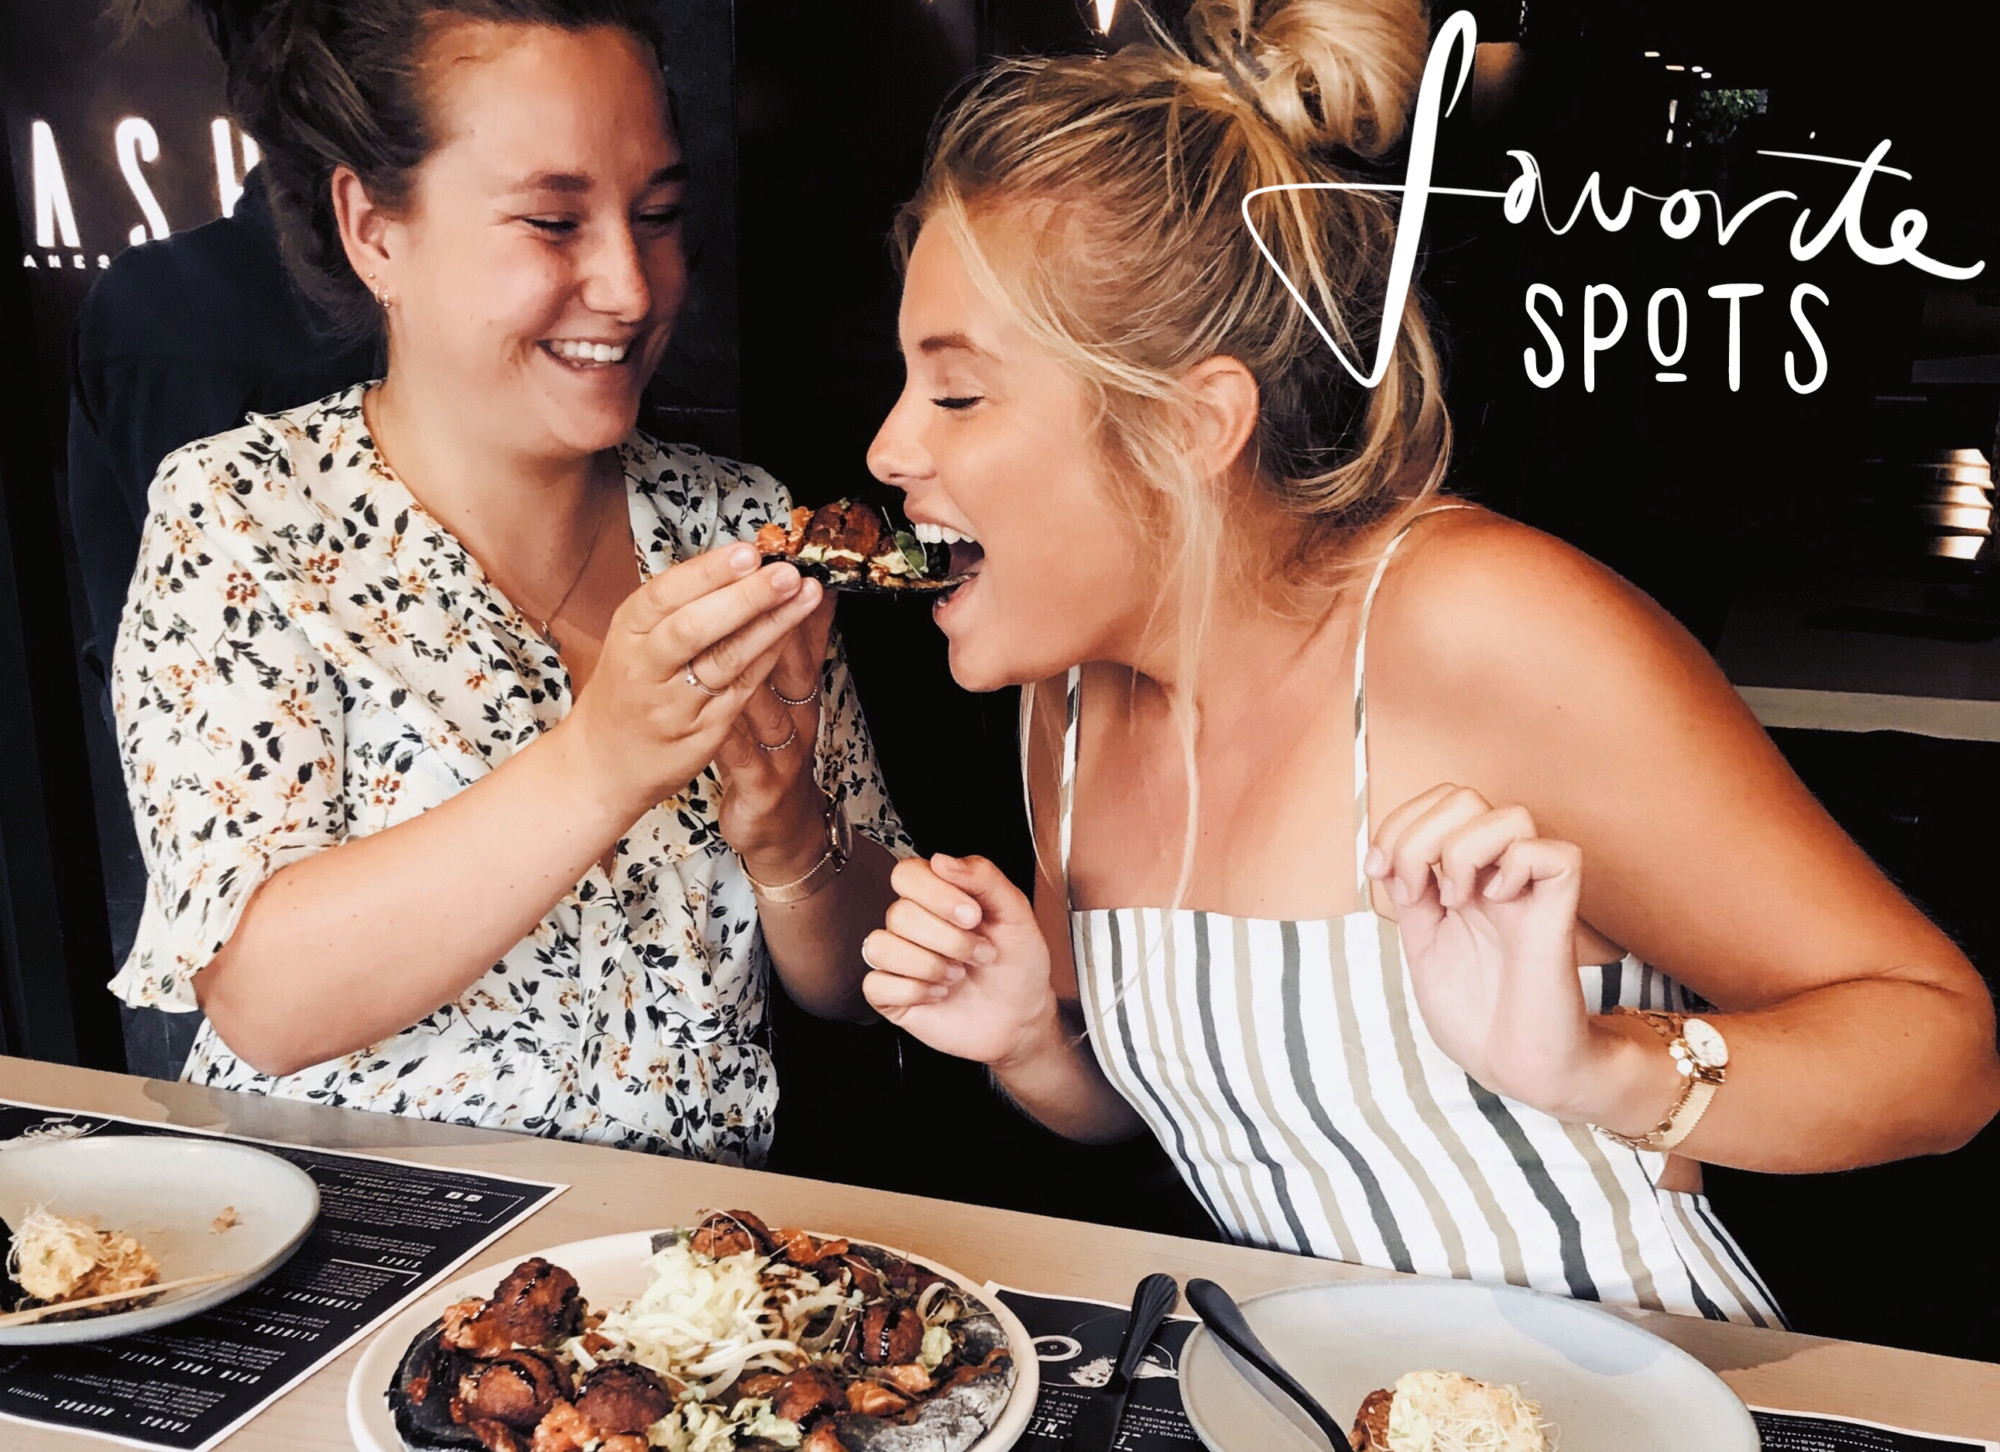 lynn en vriendin in restaurant in melbourne eating bloemetjes jurk en streepjes blond haar